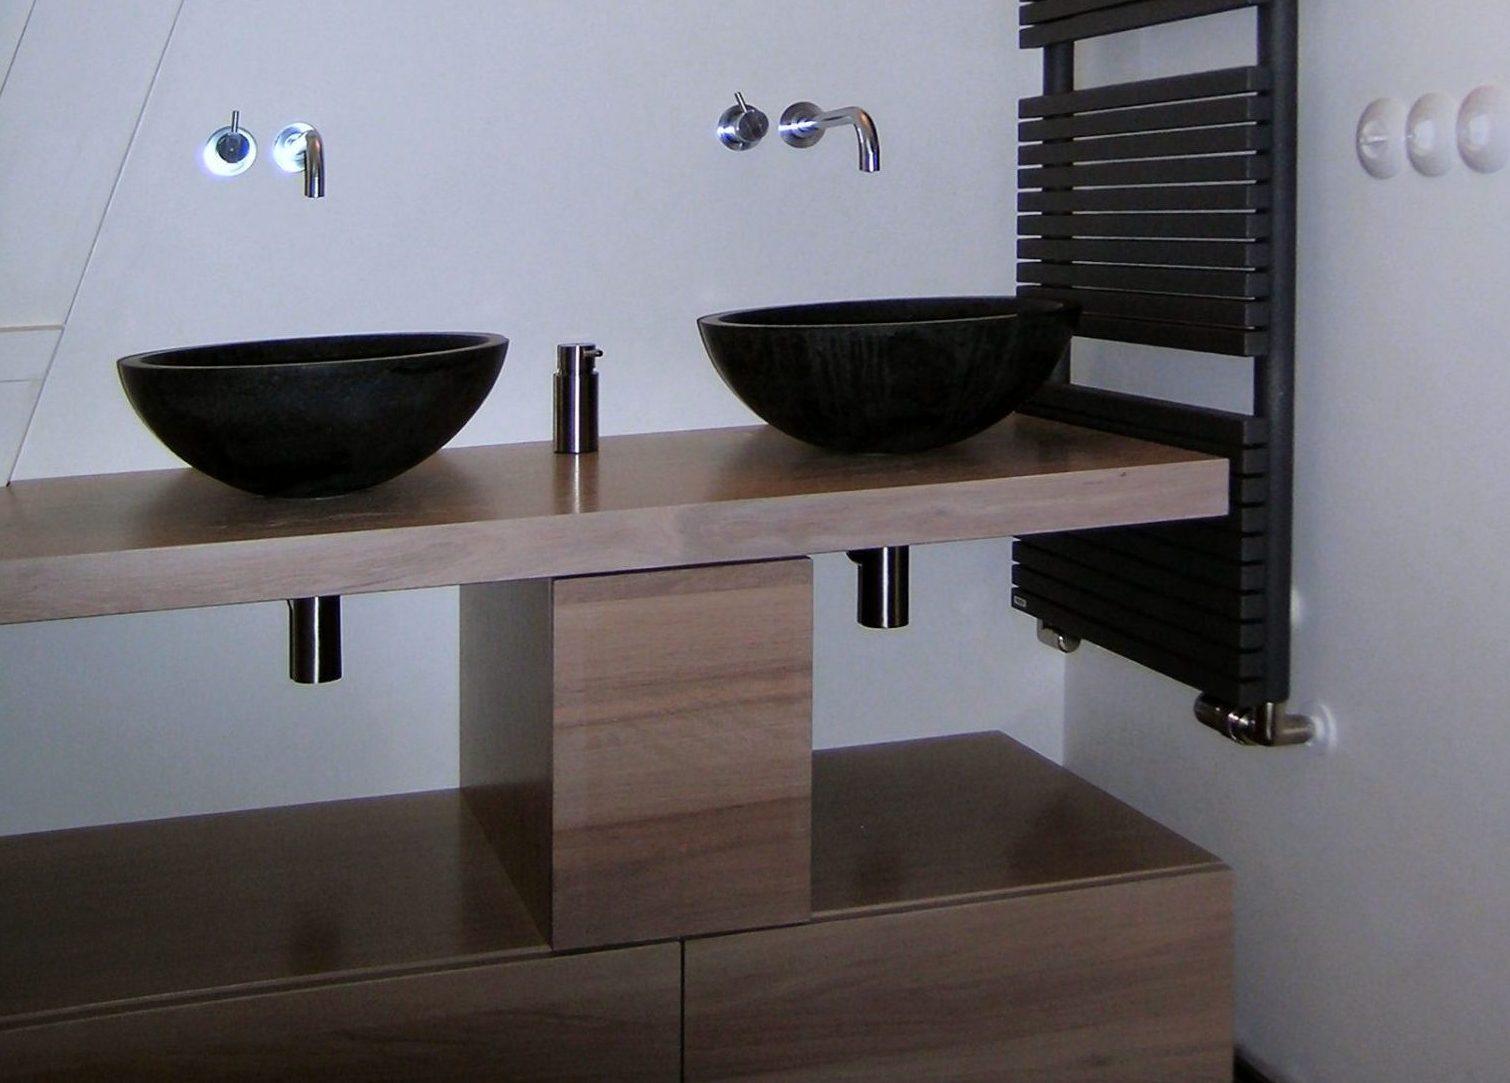 badkamermeubel 3 dorst maatmeubel